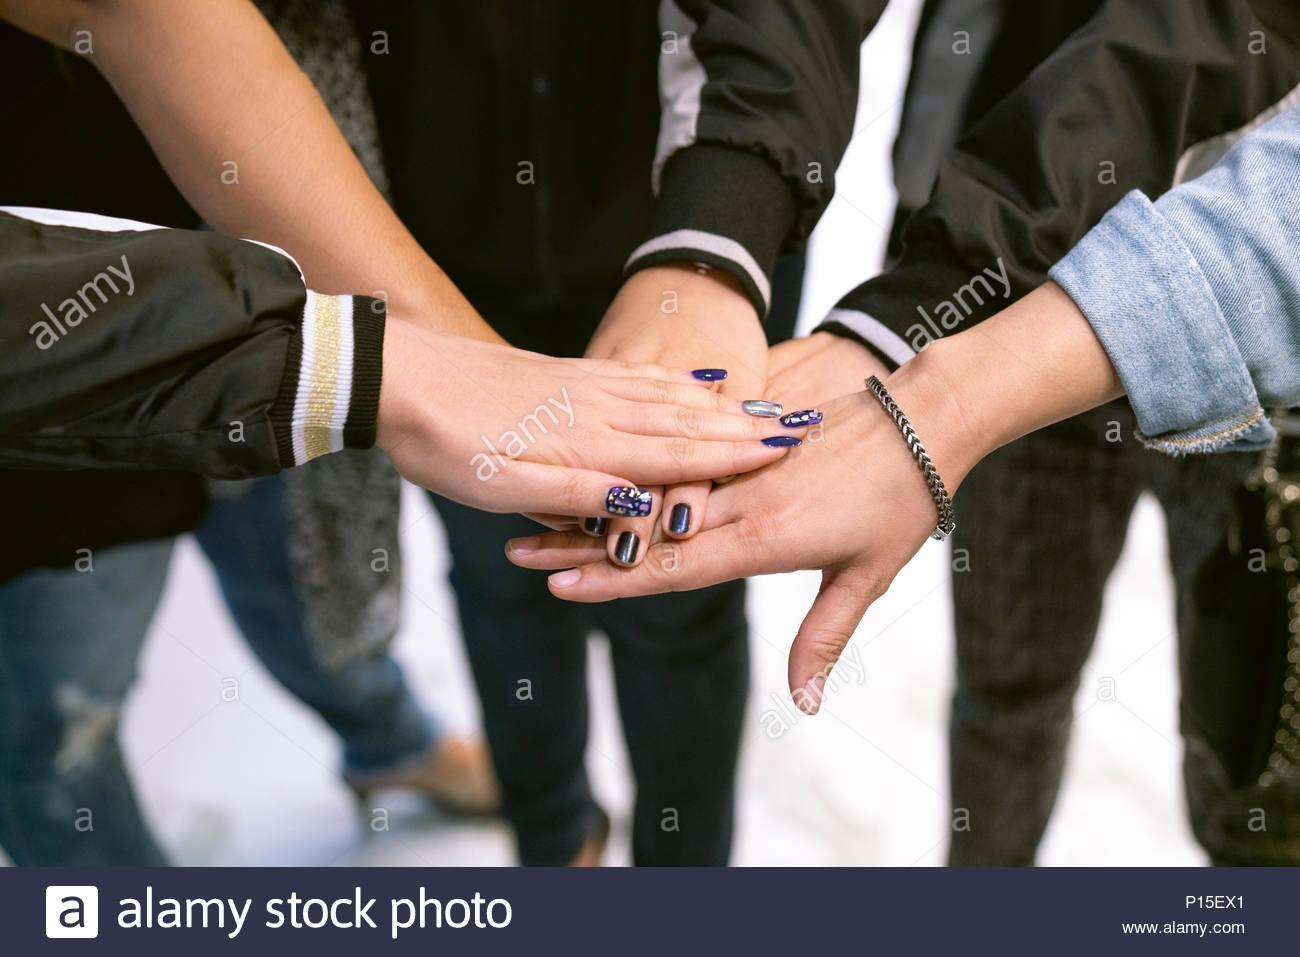 Las personas con sus manos juntas. trabajo en equipo concepto Imagen De Stock